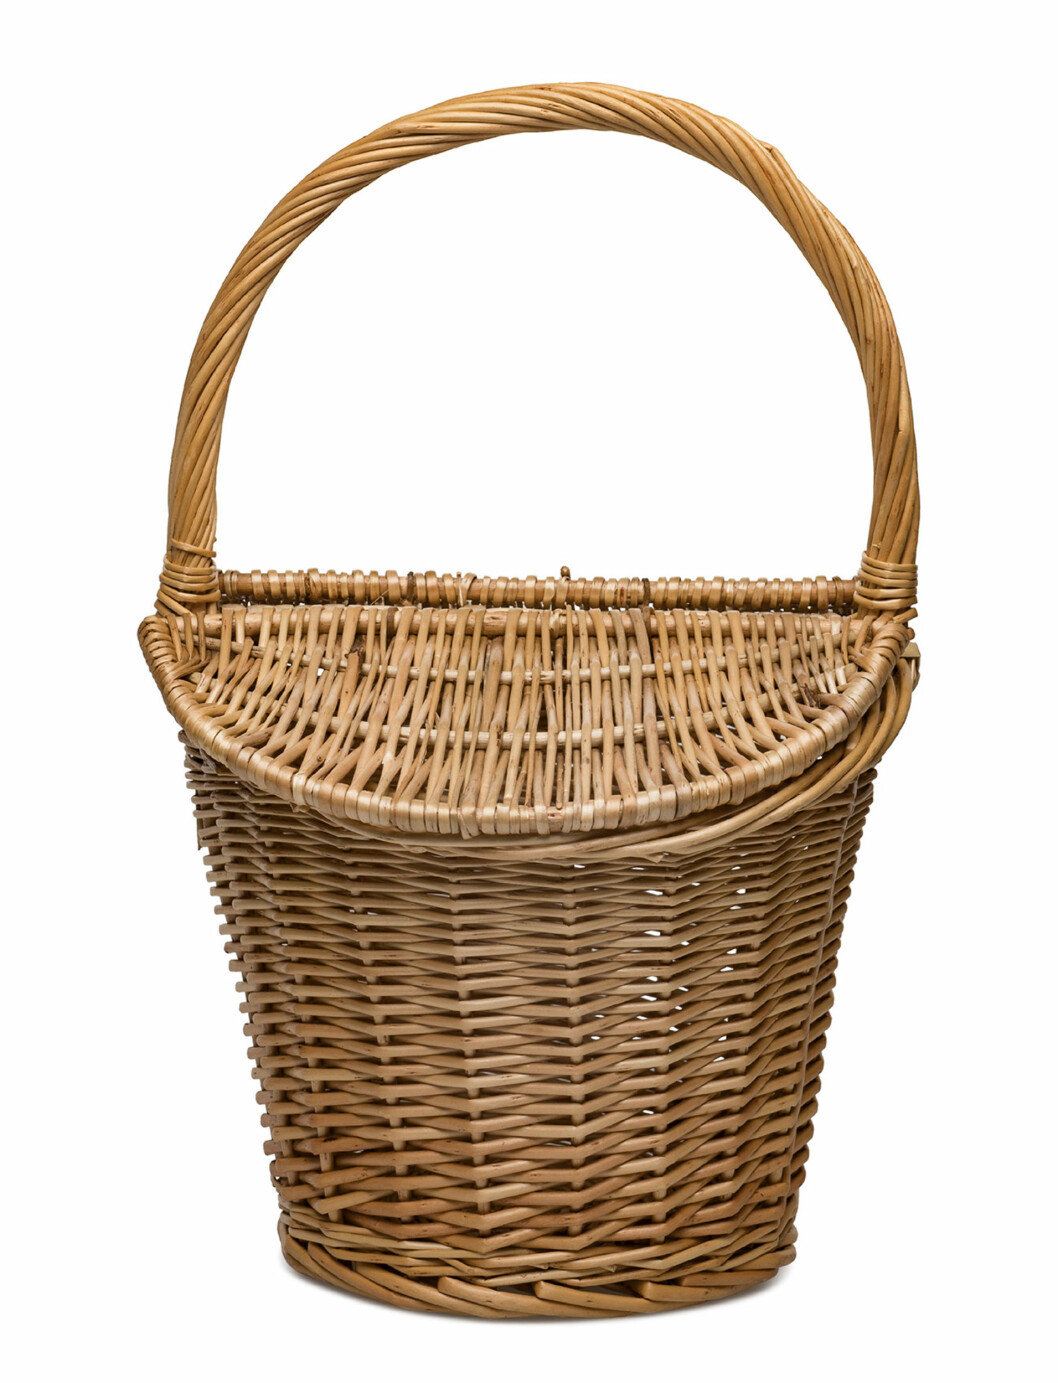 Fra Mango via Boozt.com |399,-| https://www.boozt.com/no/no/mango/bamboo-basket-bag_18006910/18006911?navId=67535&group=listing&position=1000000